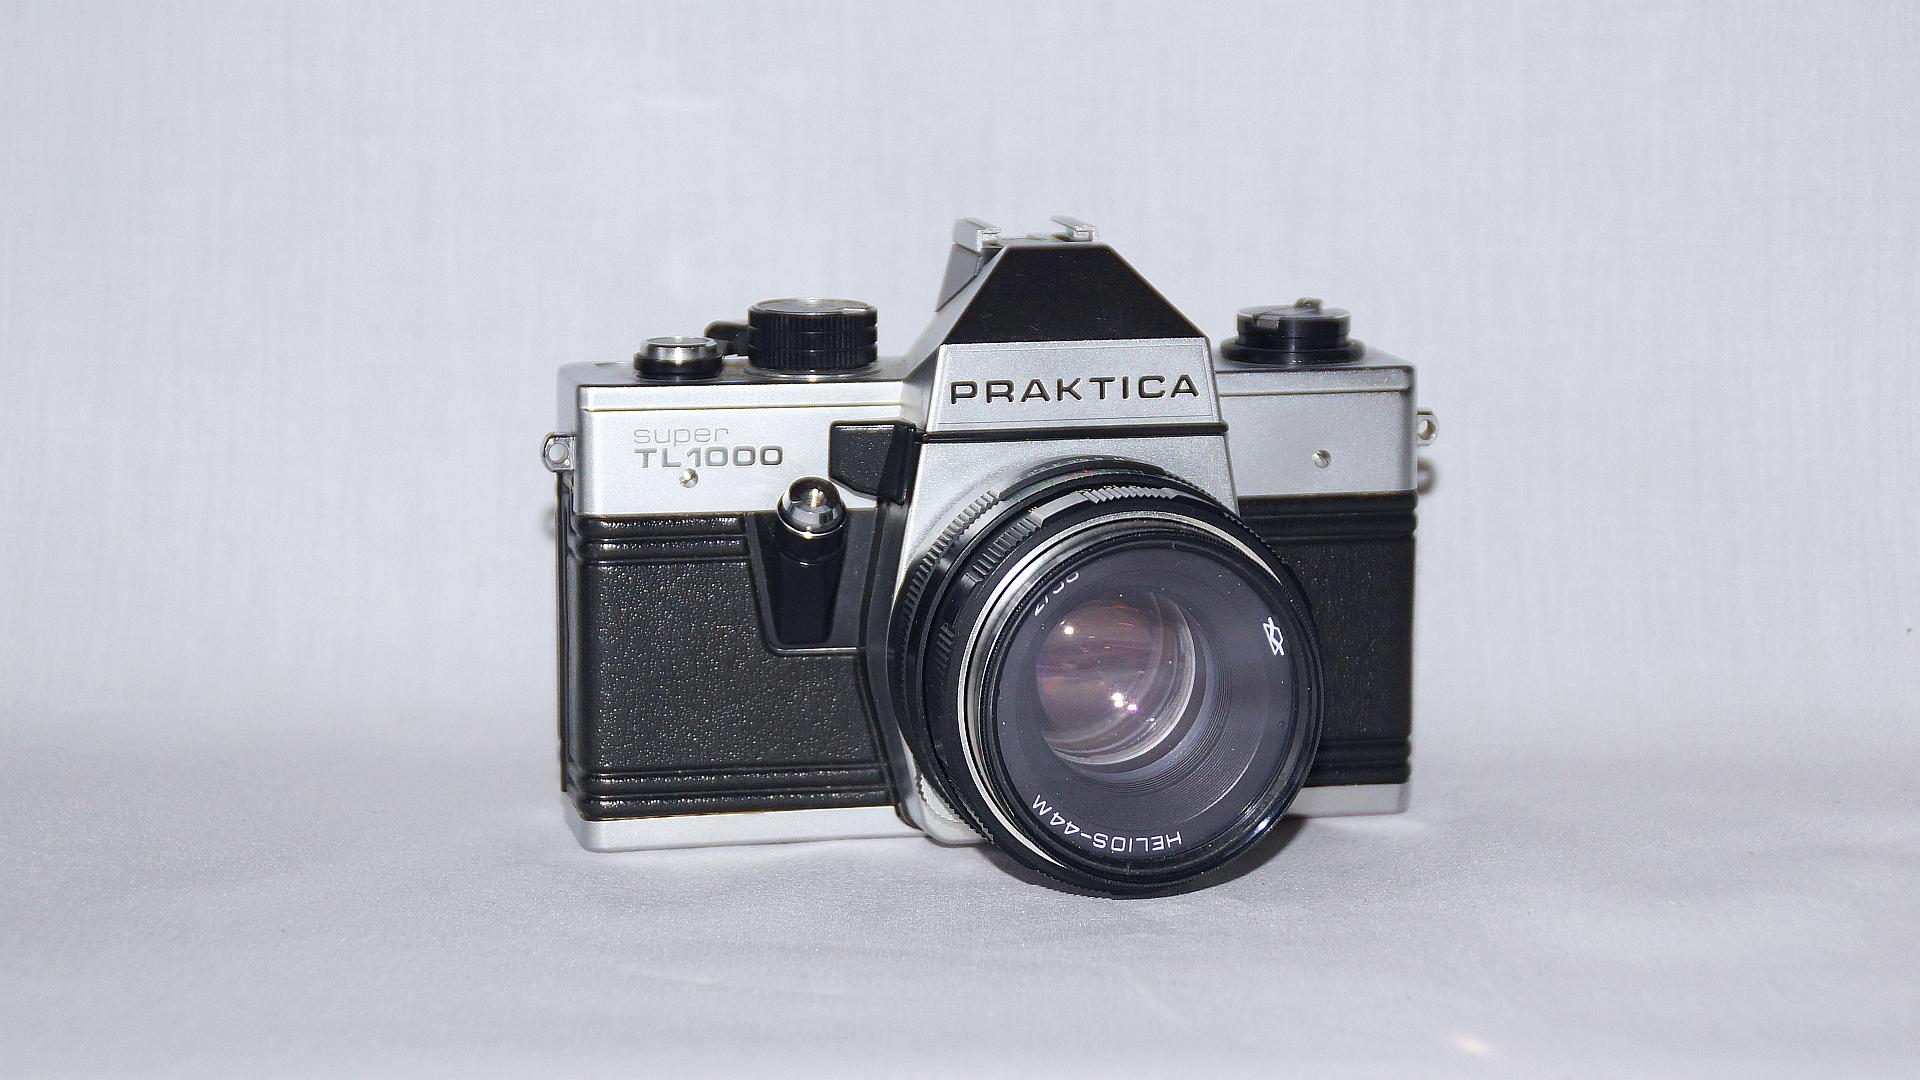 Praktica super tl kamera pentacon made in ddr eur